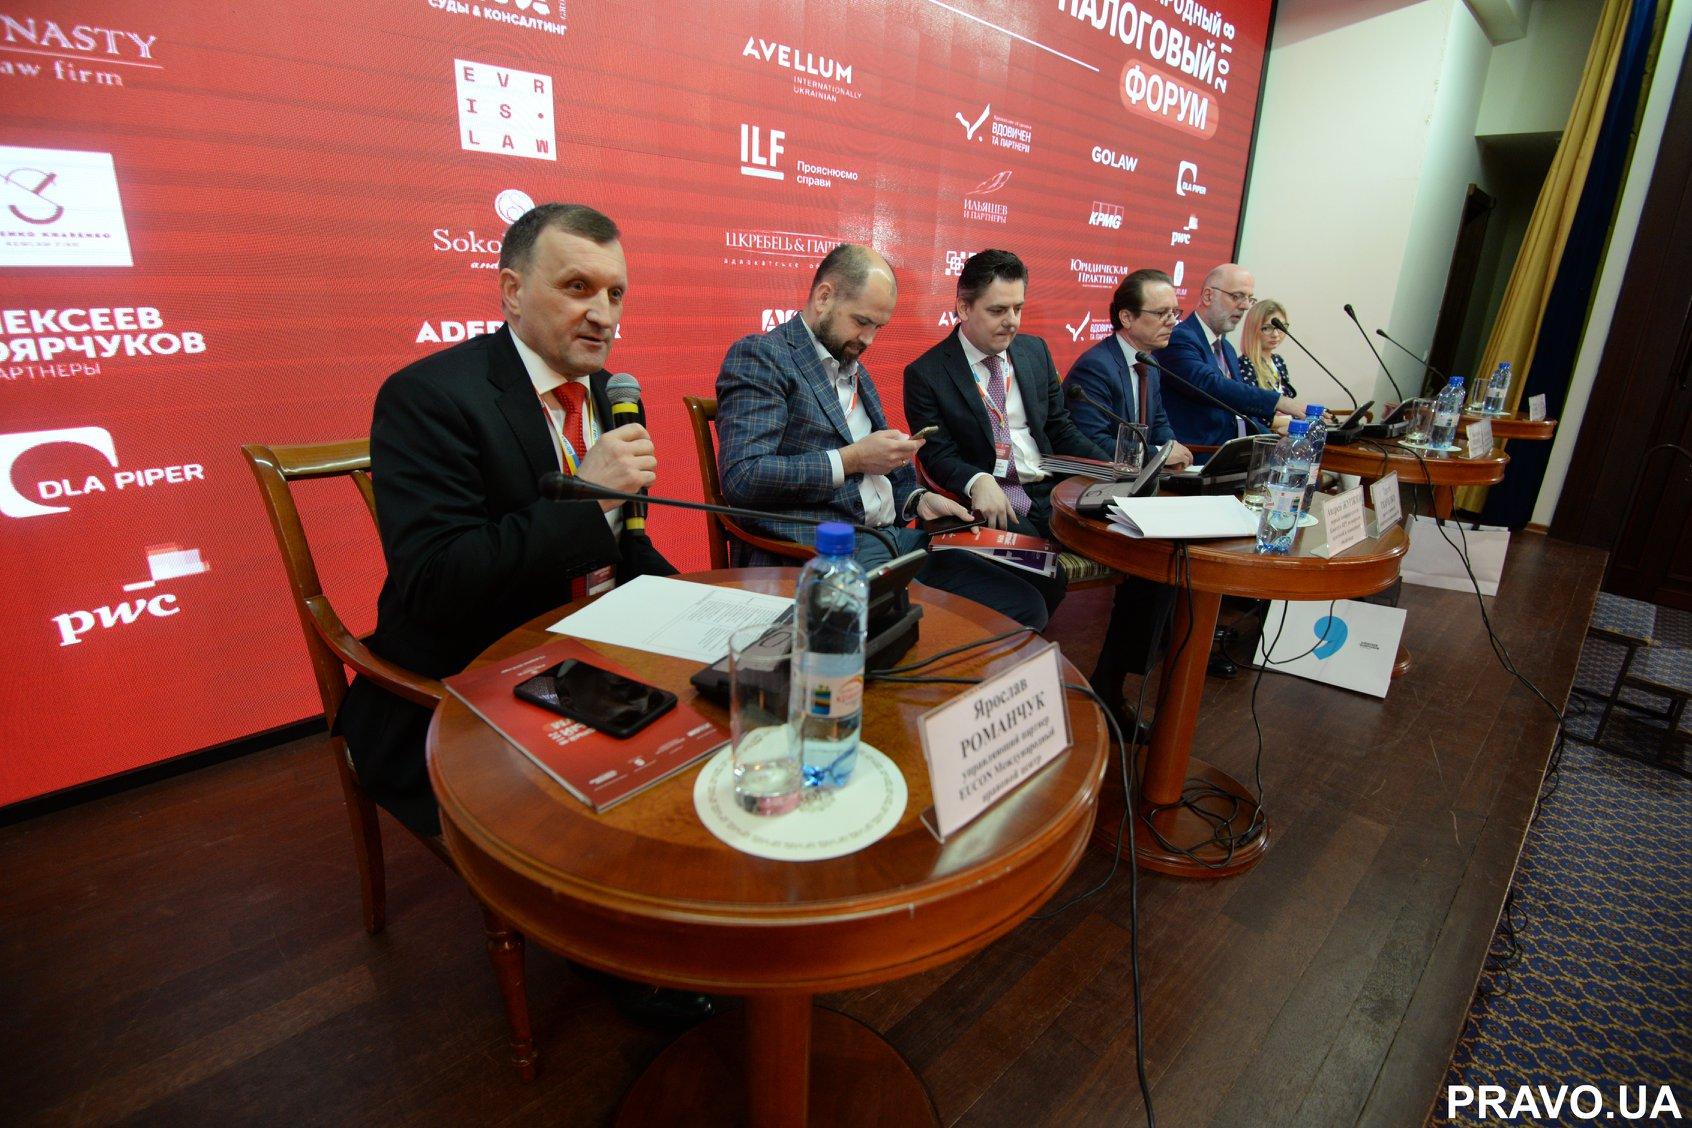 V Международный налоговый форум: глобализация теснее связывает государства, а консервативная налоговая система не успевает за изменениями